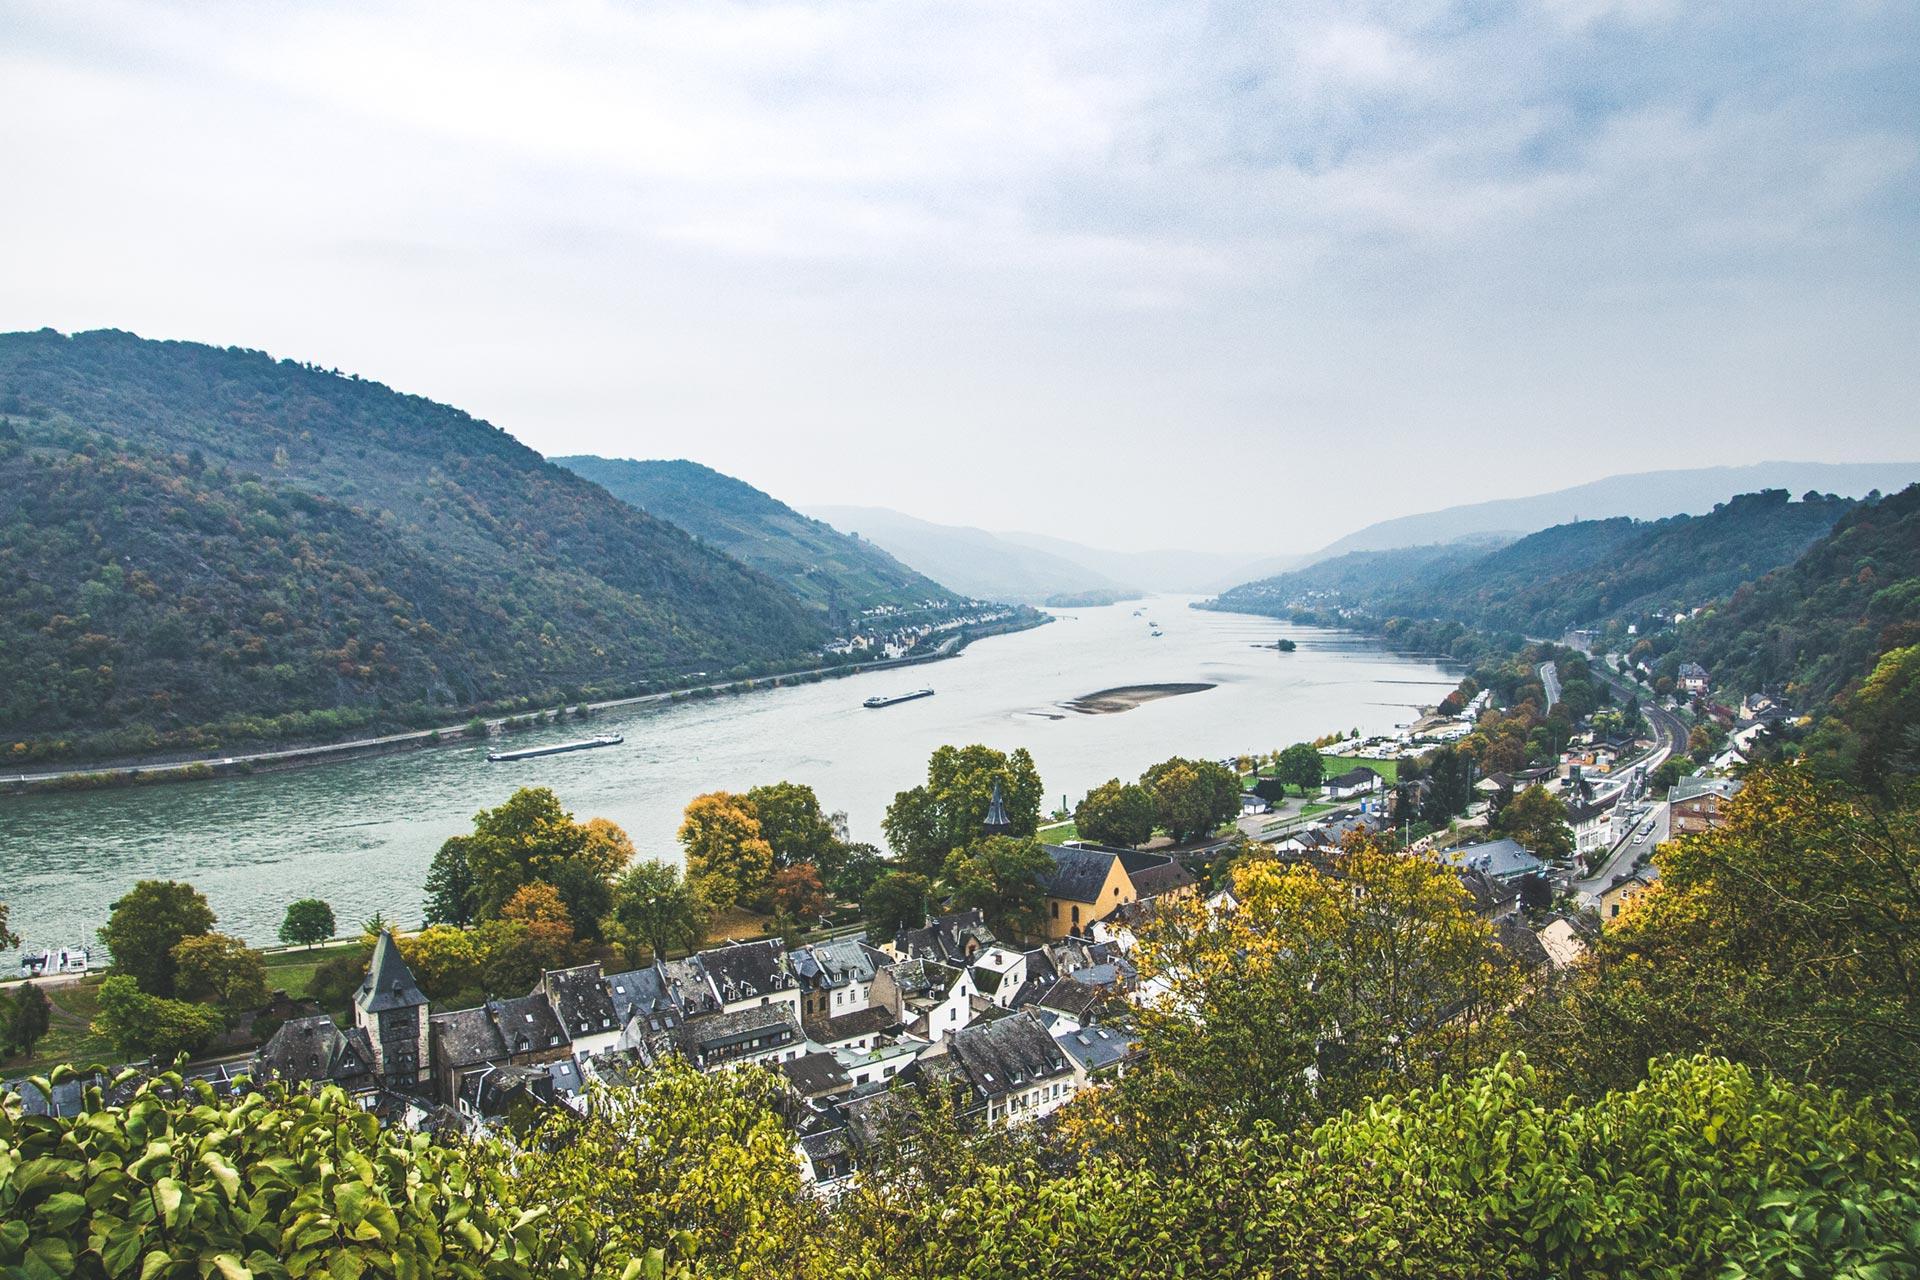 Es ist wahrscheinlich egal von wo; der Blick über Bacharach am Rhein ist an vielen Stellen traumhaft schön